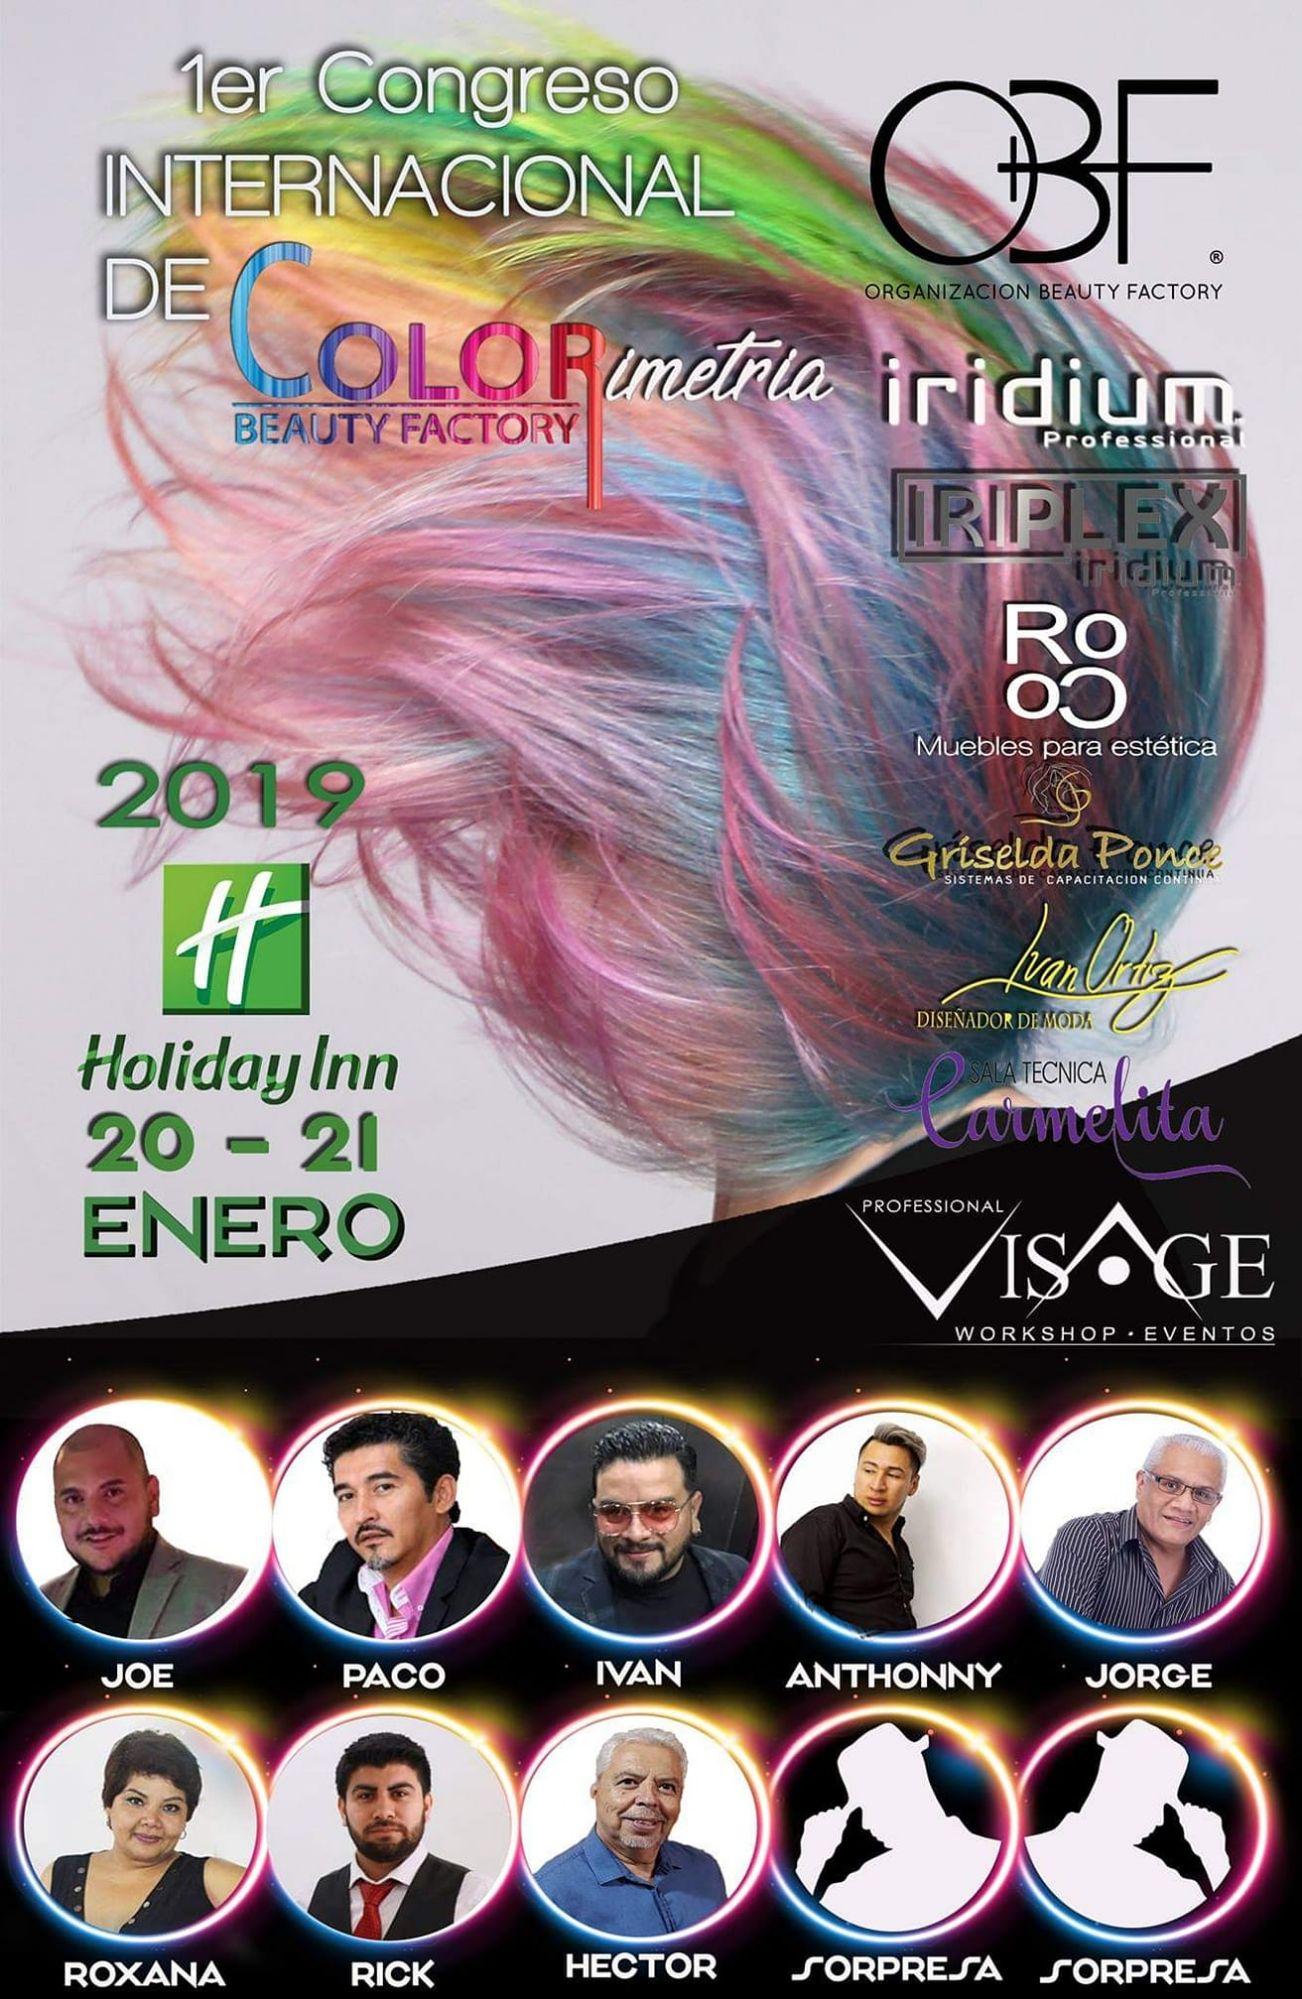 Il primo congresso internazionale di colorimetria universale a Boca del Rio Veracruz - MessicoOrganizzazione Beauty Factory da Professional Visage Workshop International Events